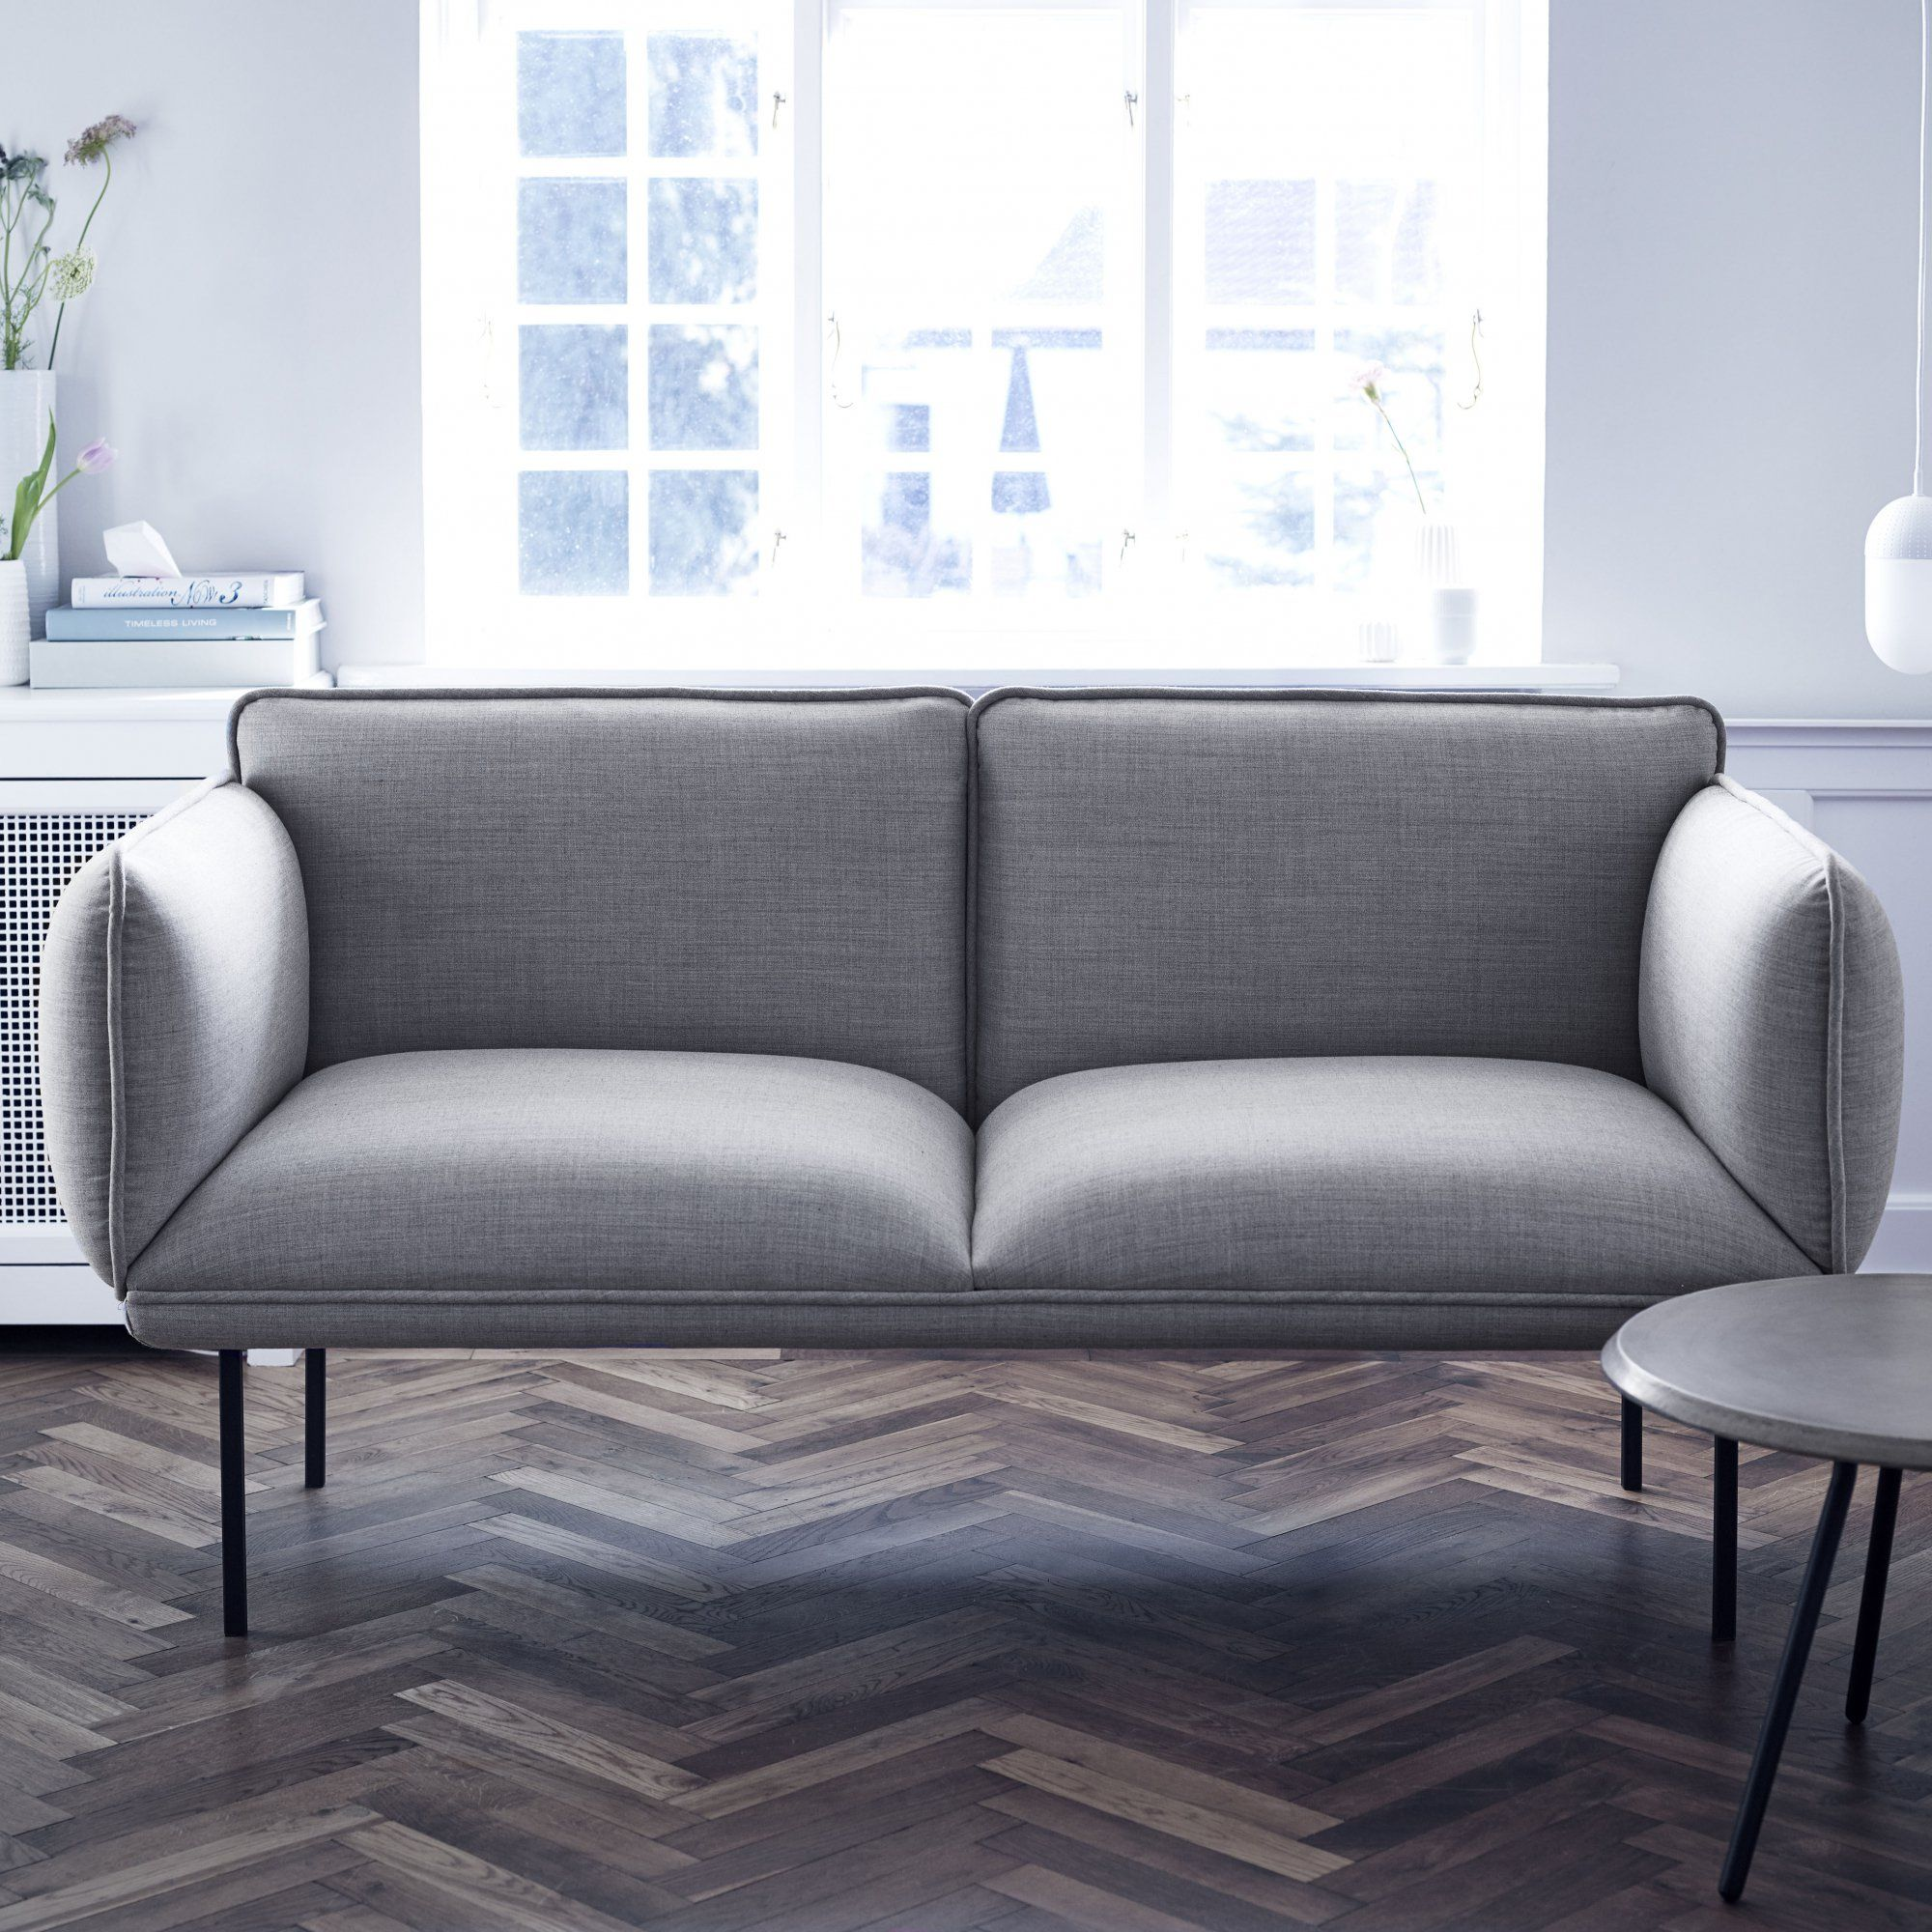 un petit canap gris chin en tissu inspiration scandinave avec une assise moelleuse pour une. Black Bedroom Furniture Sets. Home Design Ideas